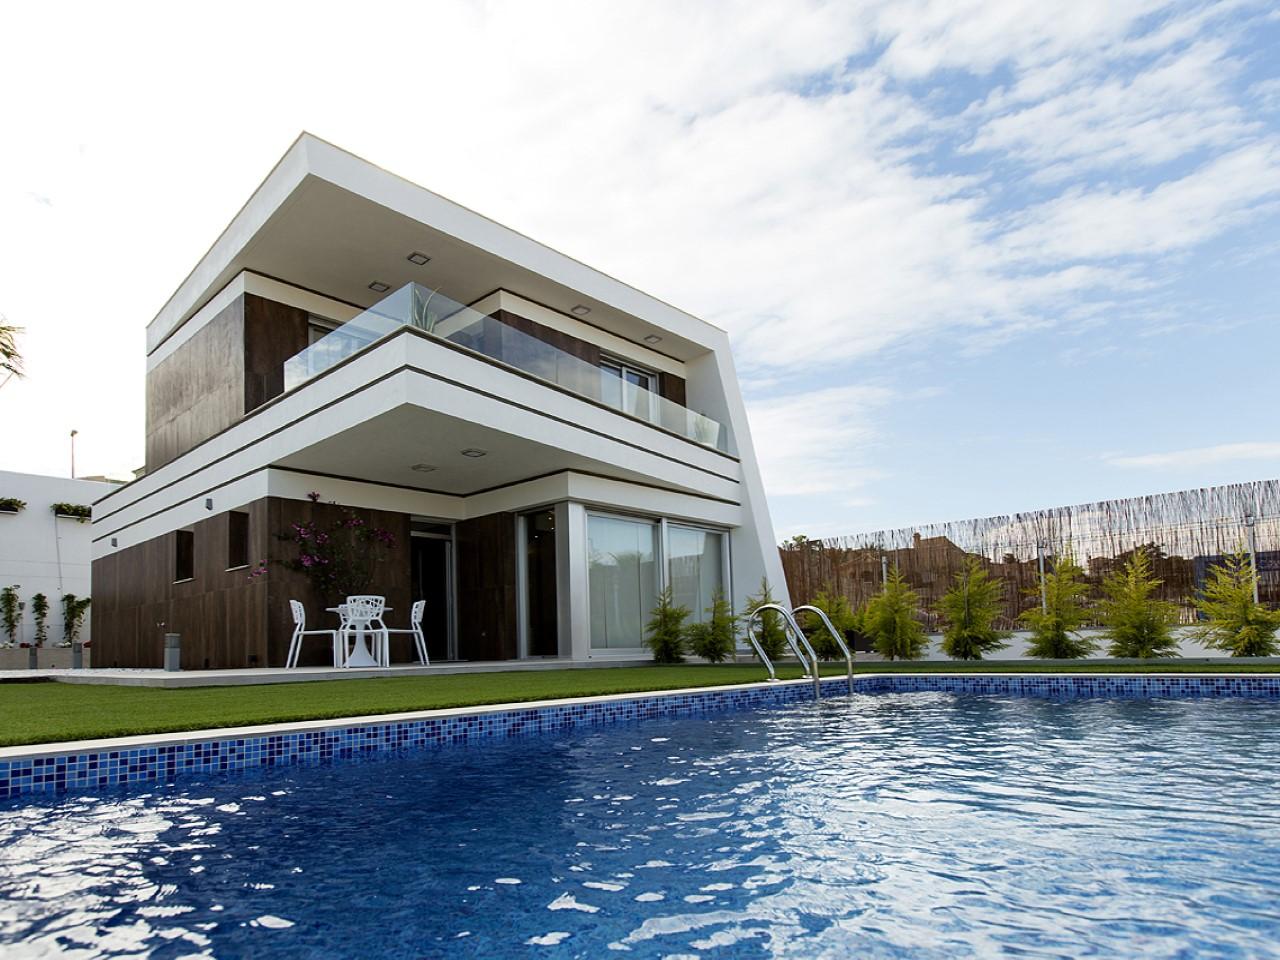 Complexe de villas indépendantes Costa Blanca | Alicante